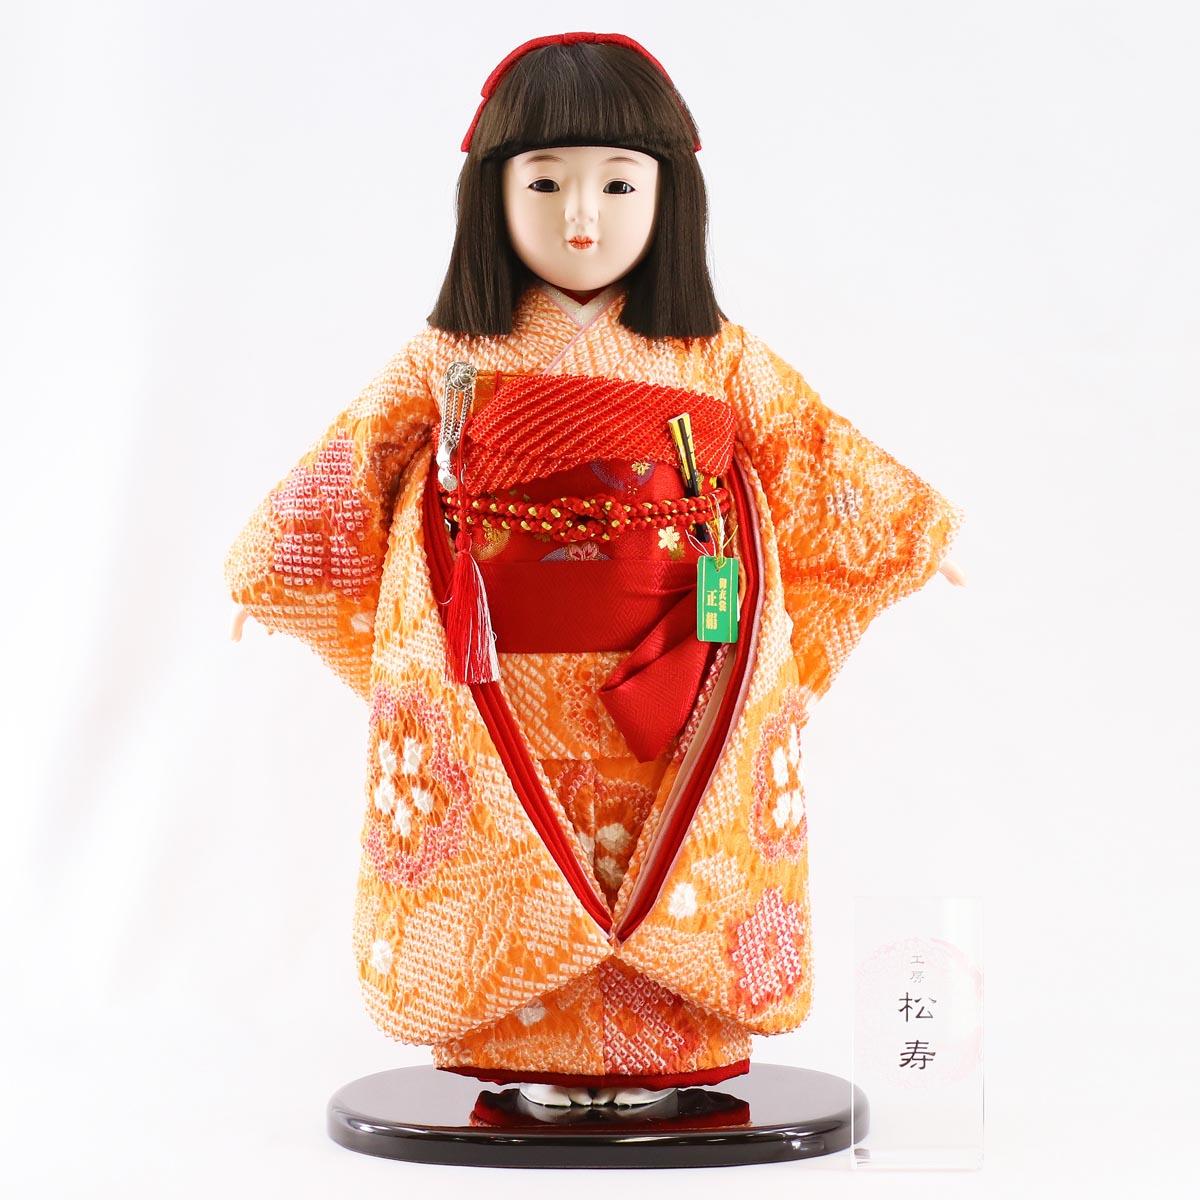 市松人形 松寿 市松人形 松寿作 市松人形 正絹変わり絞り オレンジ 花 市松 ICMY-BC28045-04ひな人形 かわいい, 明日香村:fd9ddc14 --- room-plaza.jp